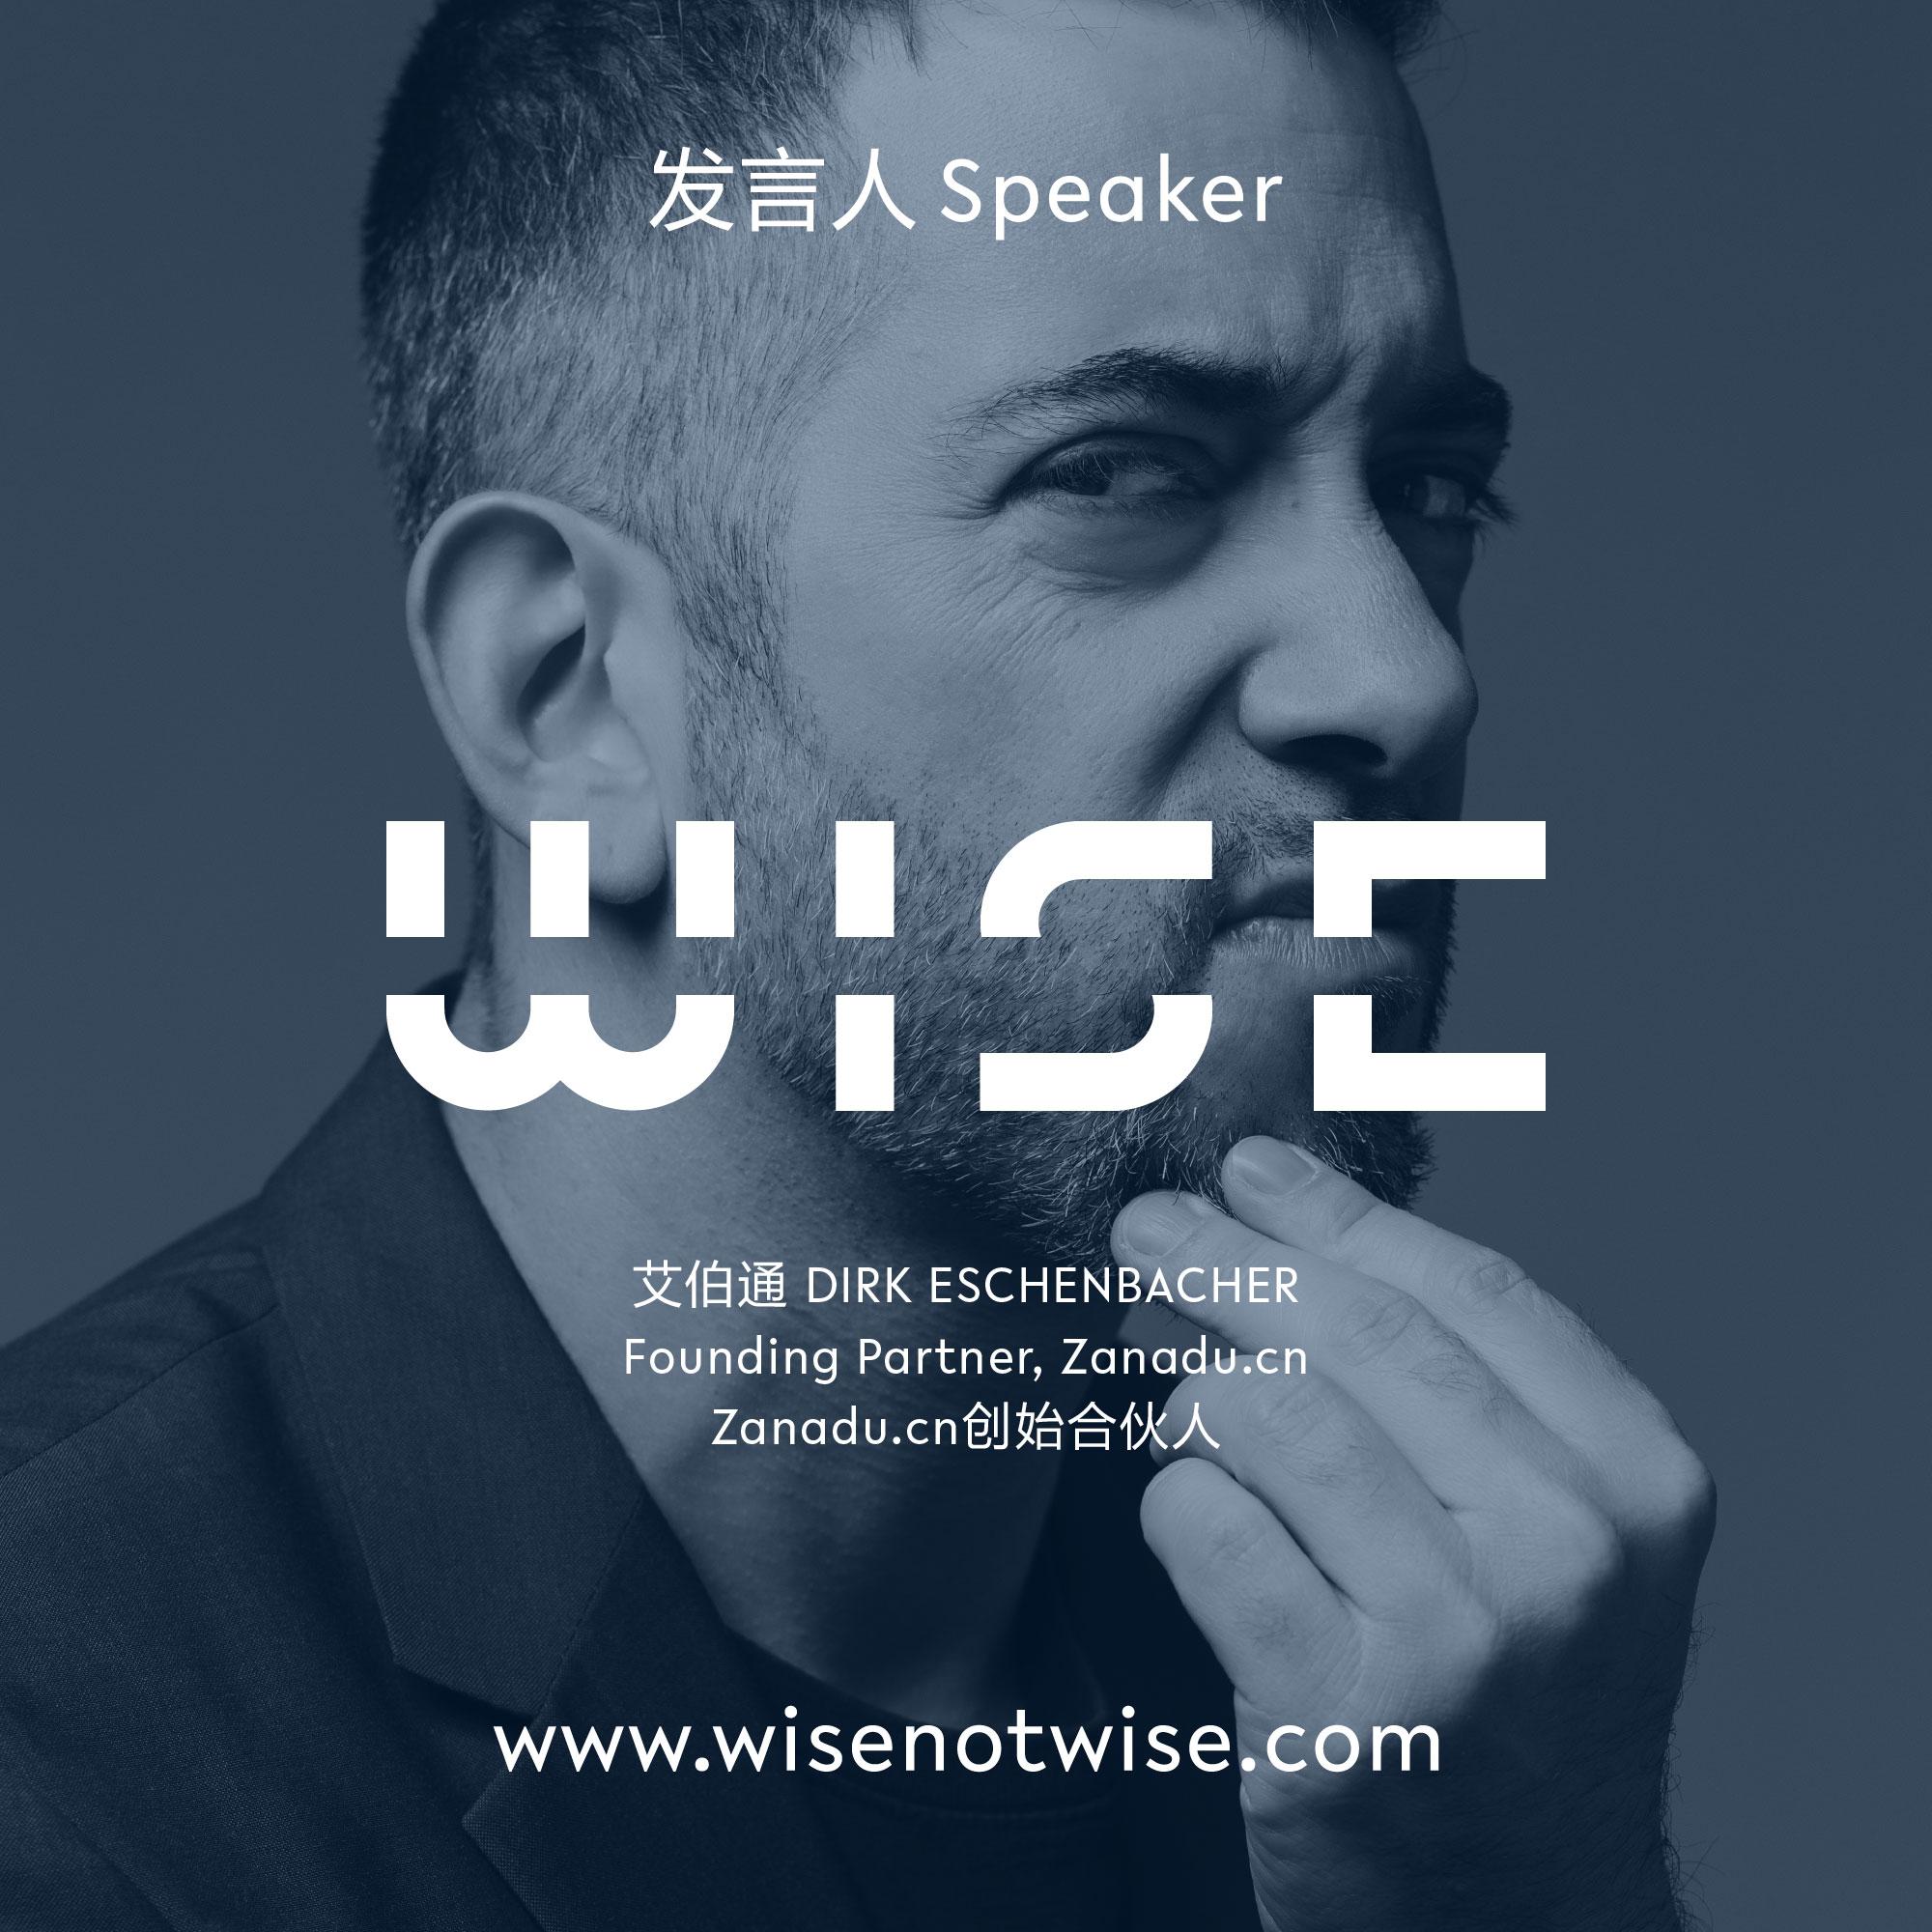 Dirk Eschenbacher (Founding Partner of Zanadu.cn)